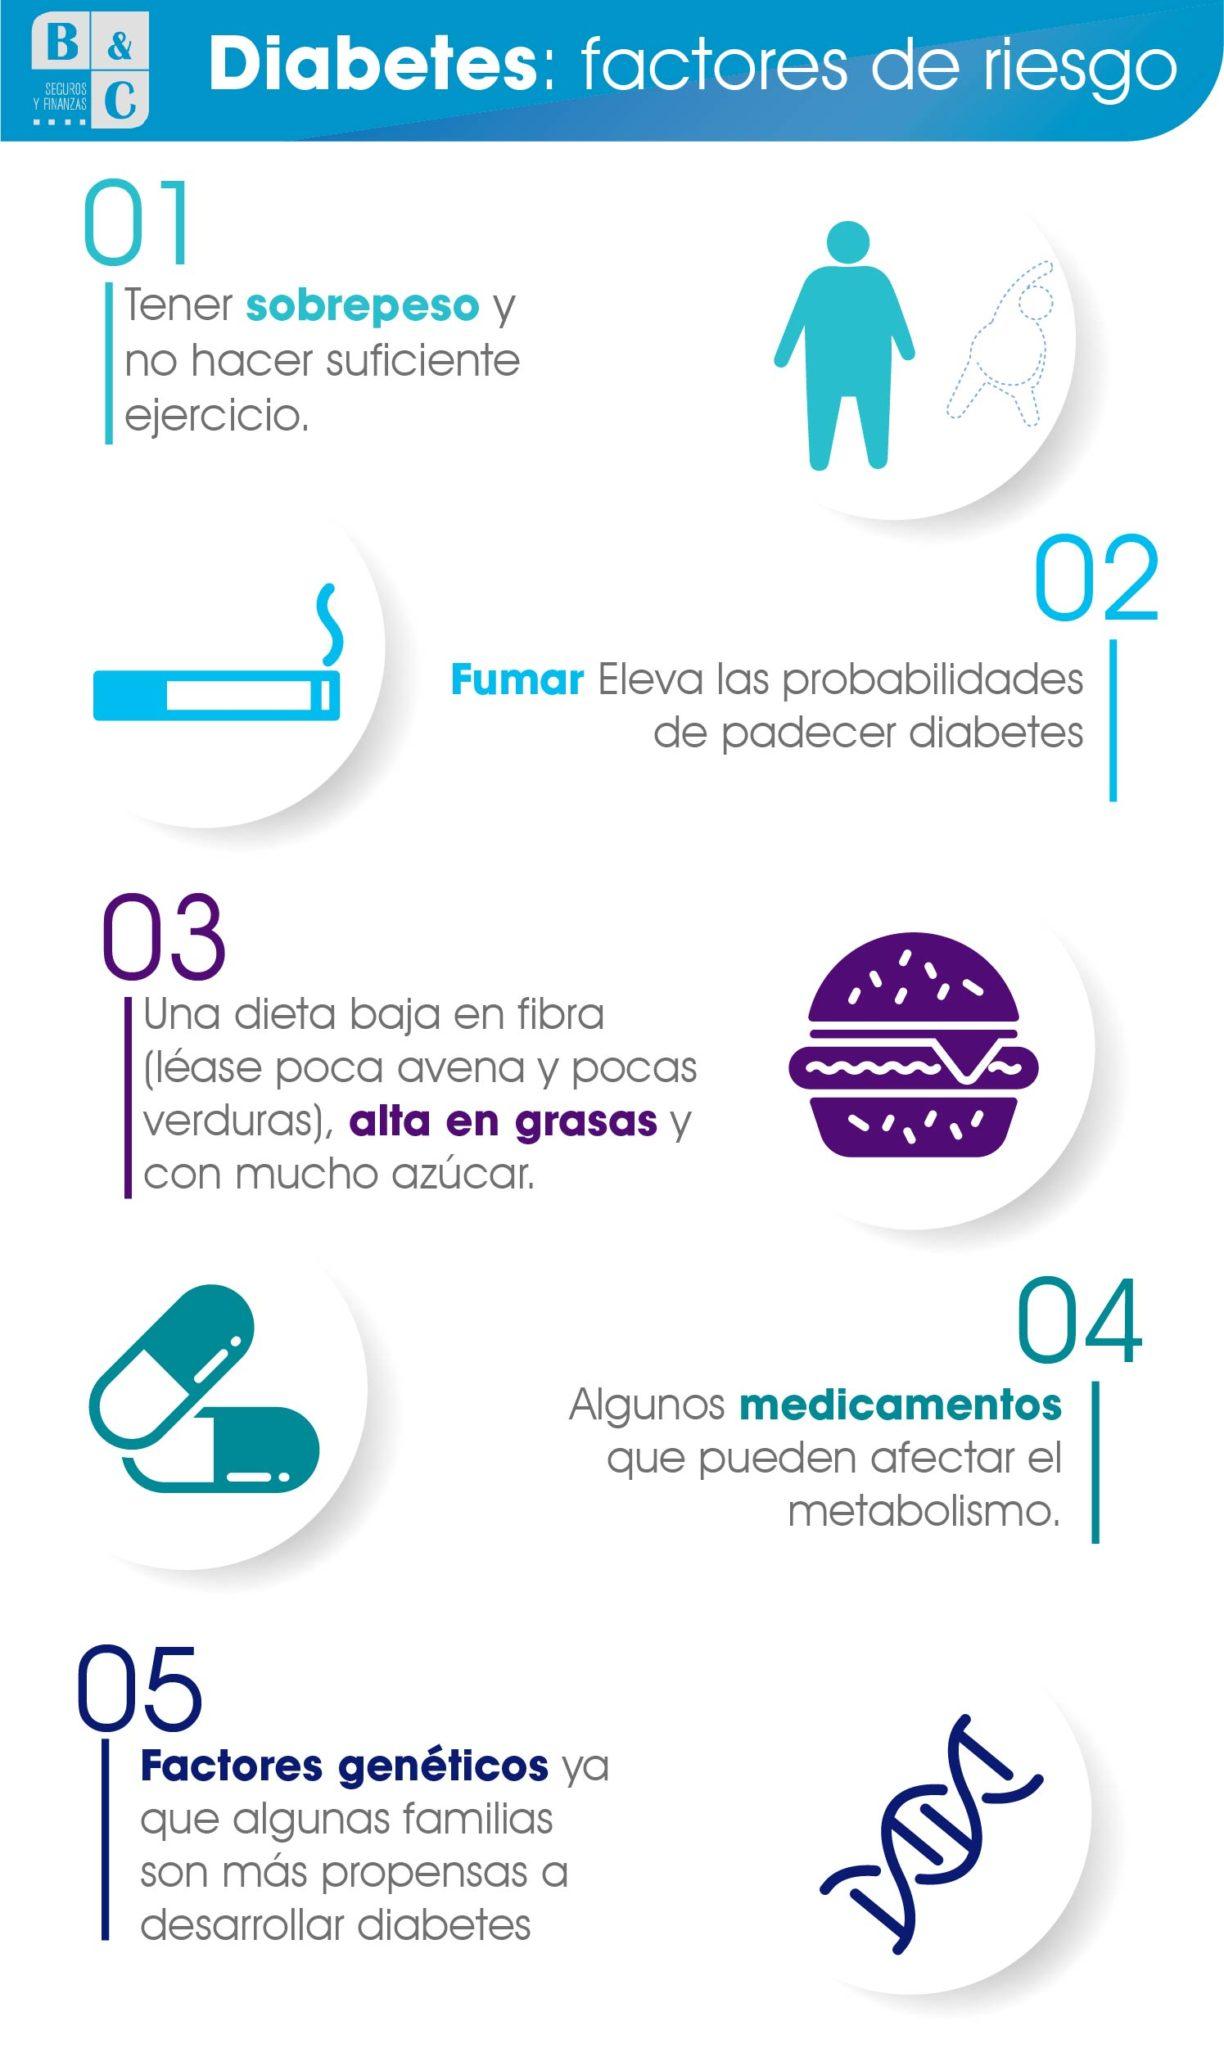 Prevención de la diabetes tipo 2. Derribando mitos sobre